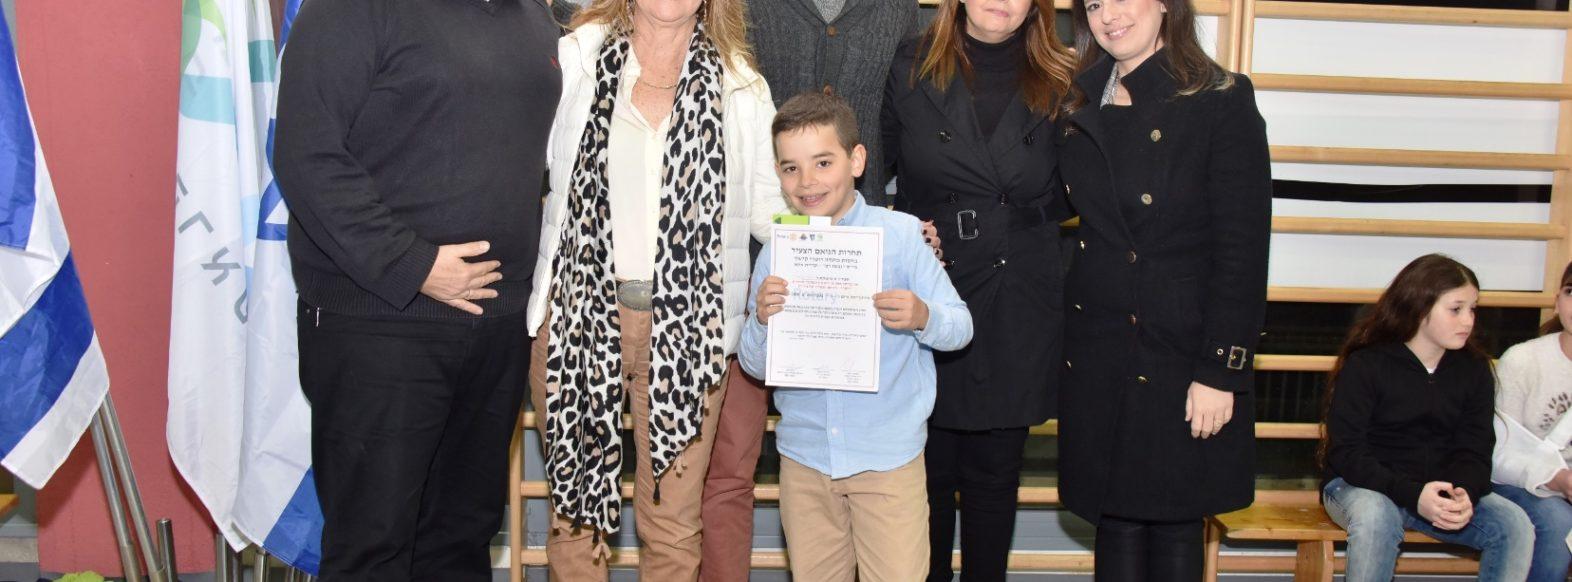 """ירדן בארי, תלמיד כיתה ו' בביה""""ס גבעת רם זכה בתחרות """"הנואם הצעיר"""""""